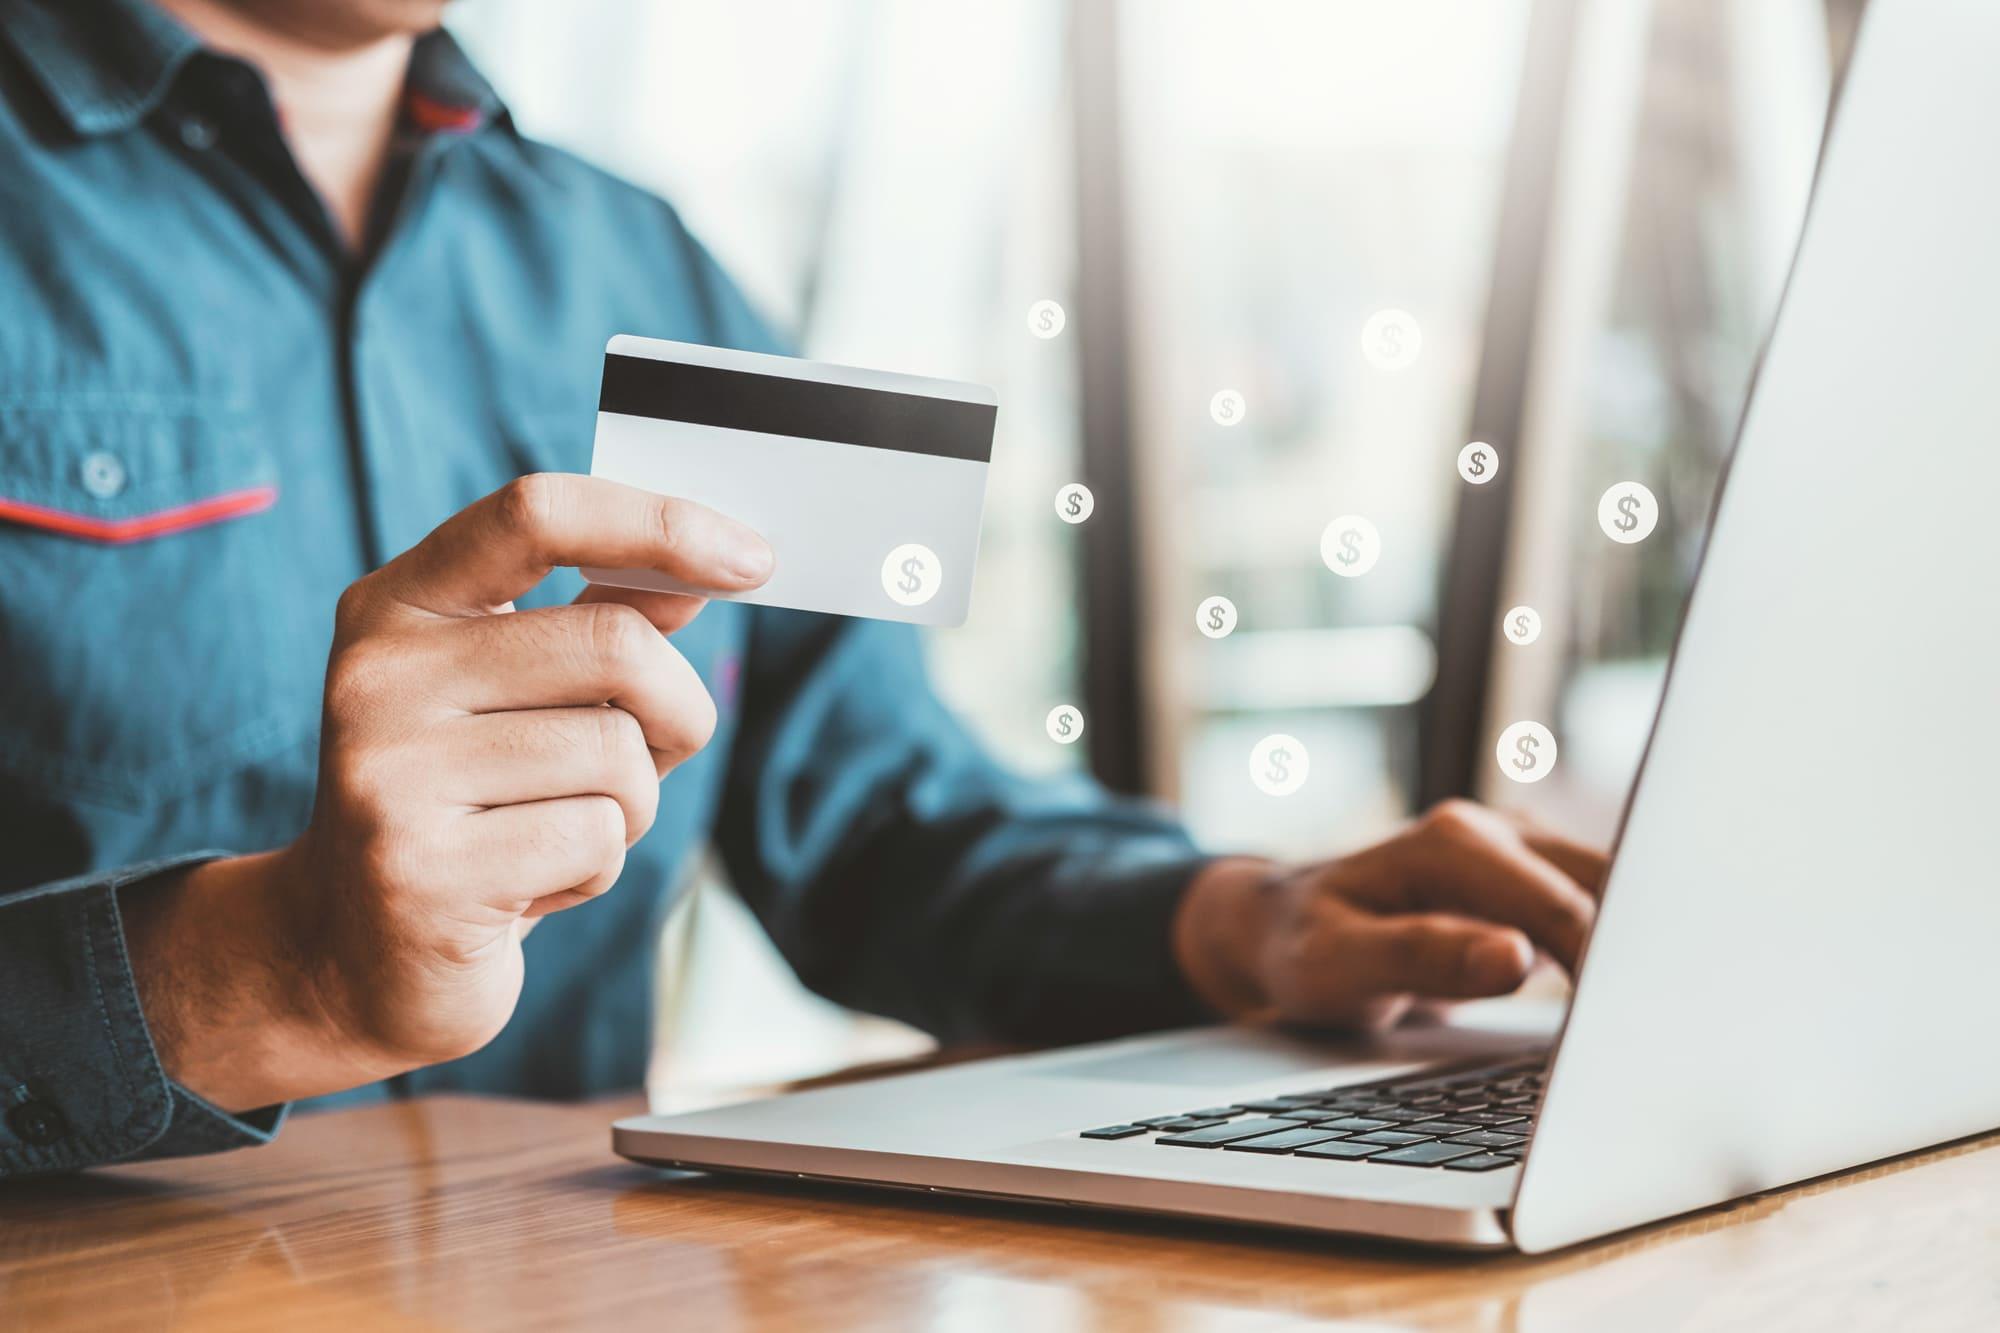 パソコンを開いてクレジットカードを持っている男性